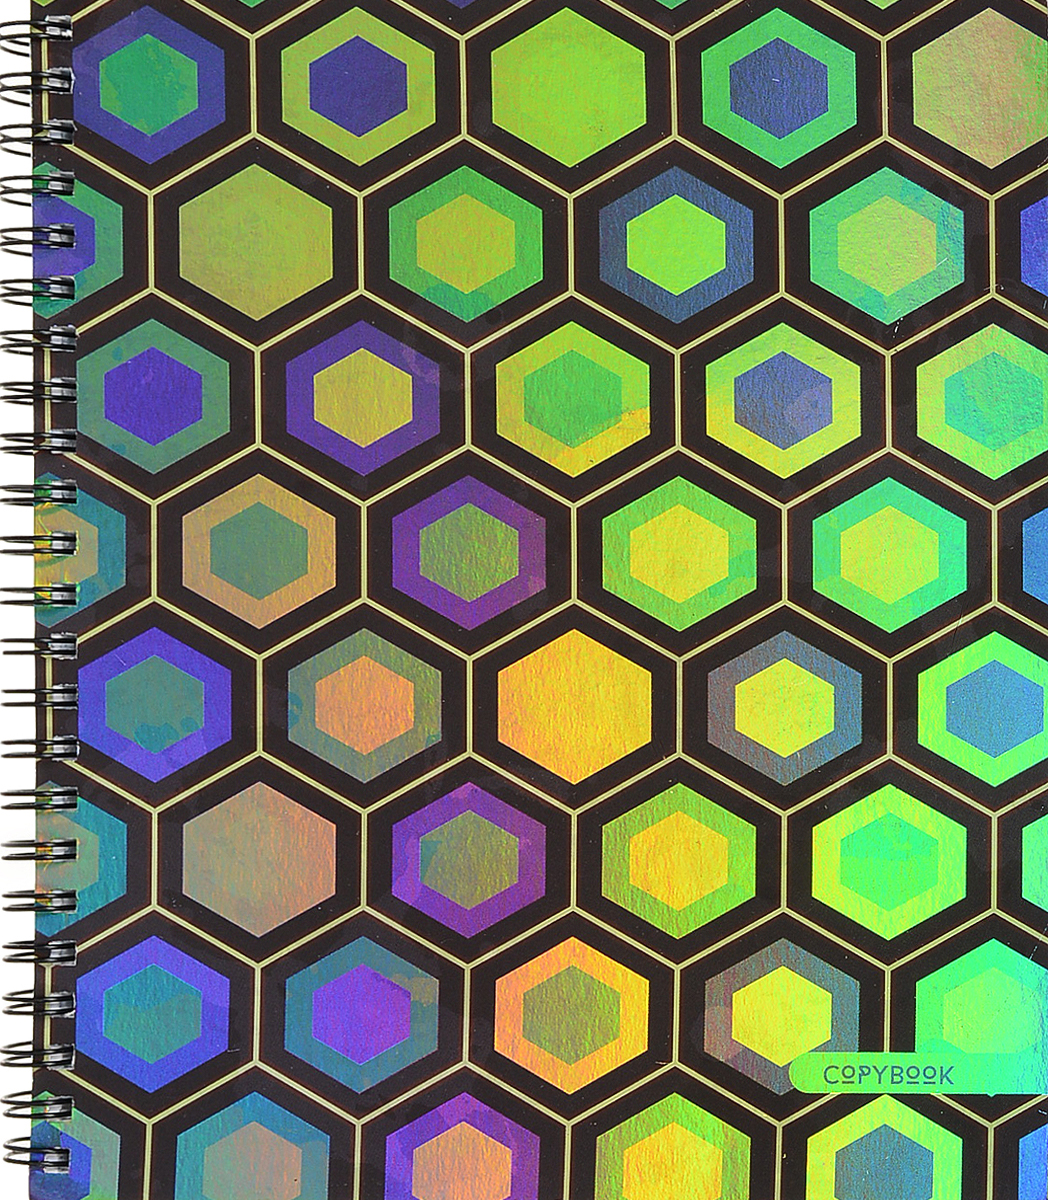 Канц-Эксмо Тетрадь Яркий орнамент 96 листов в клетку цвет в ассортименте